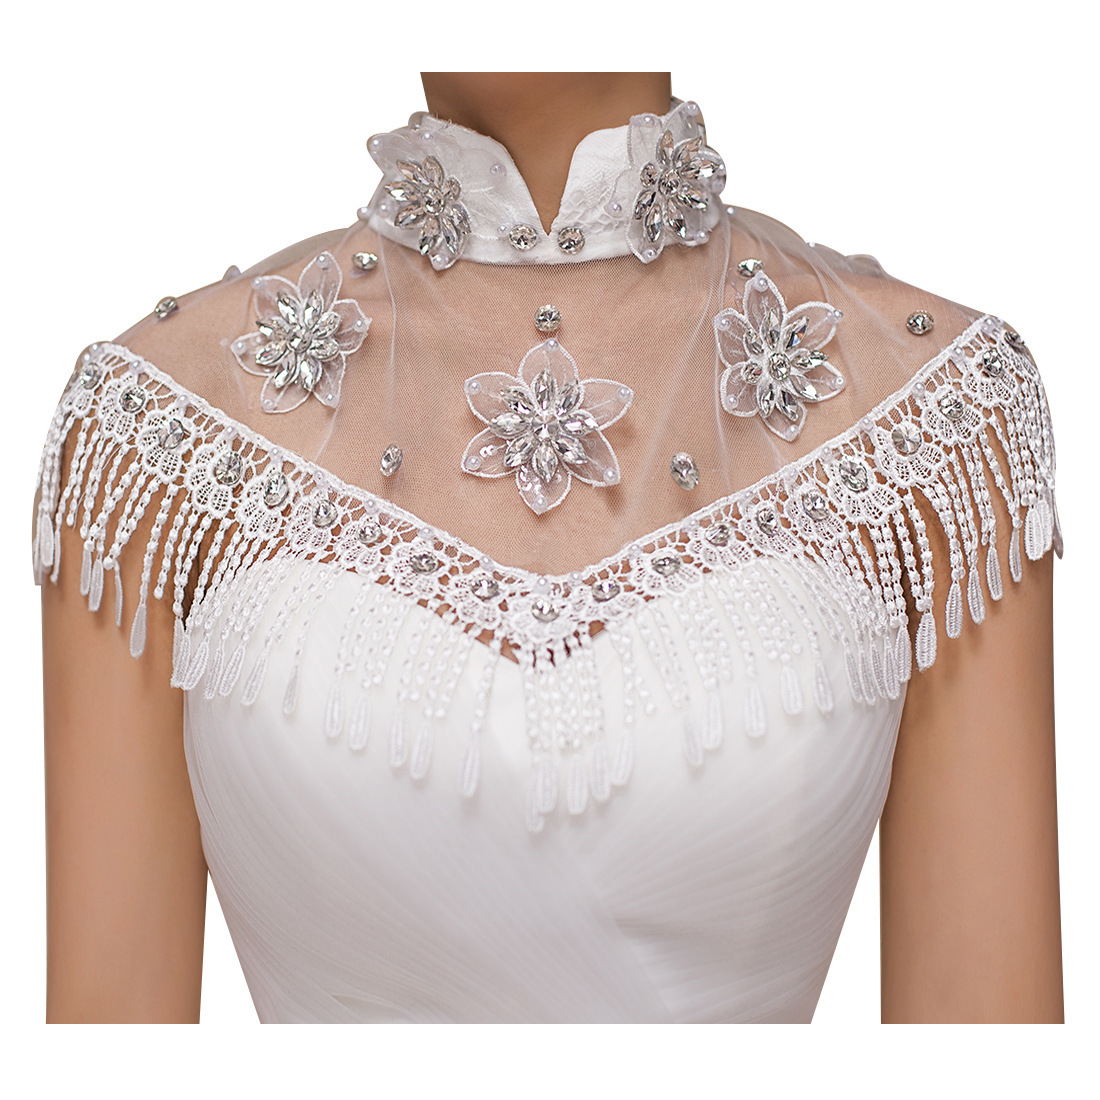 Atemberaubend Schals Für Brautkleider Ideen - Brautkleider Ideen ...